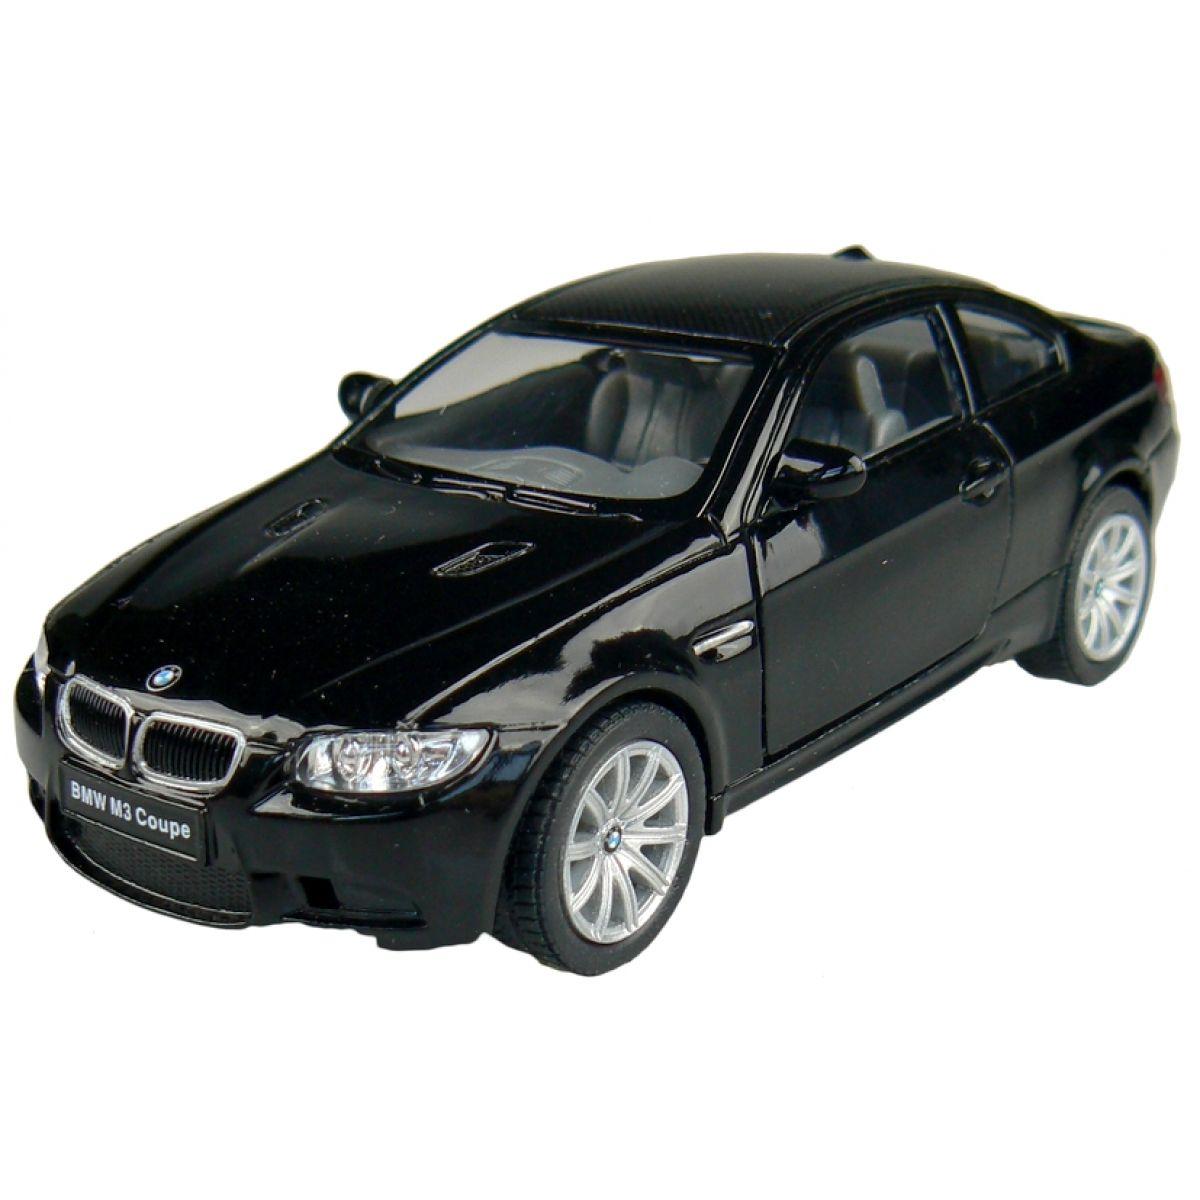 Kinsmart Auto BMW M3 Coupe na zpětné natažení 13cm - Černá